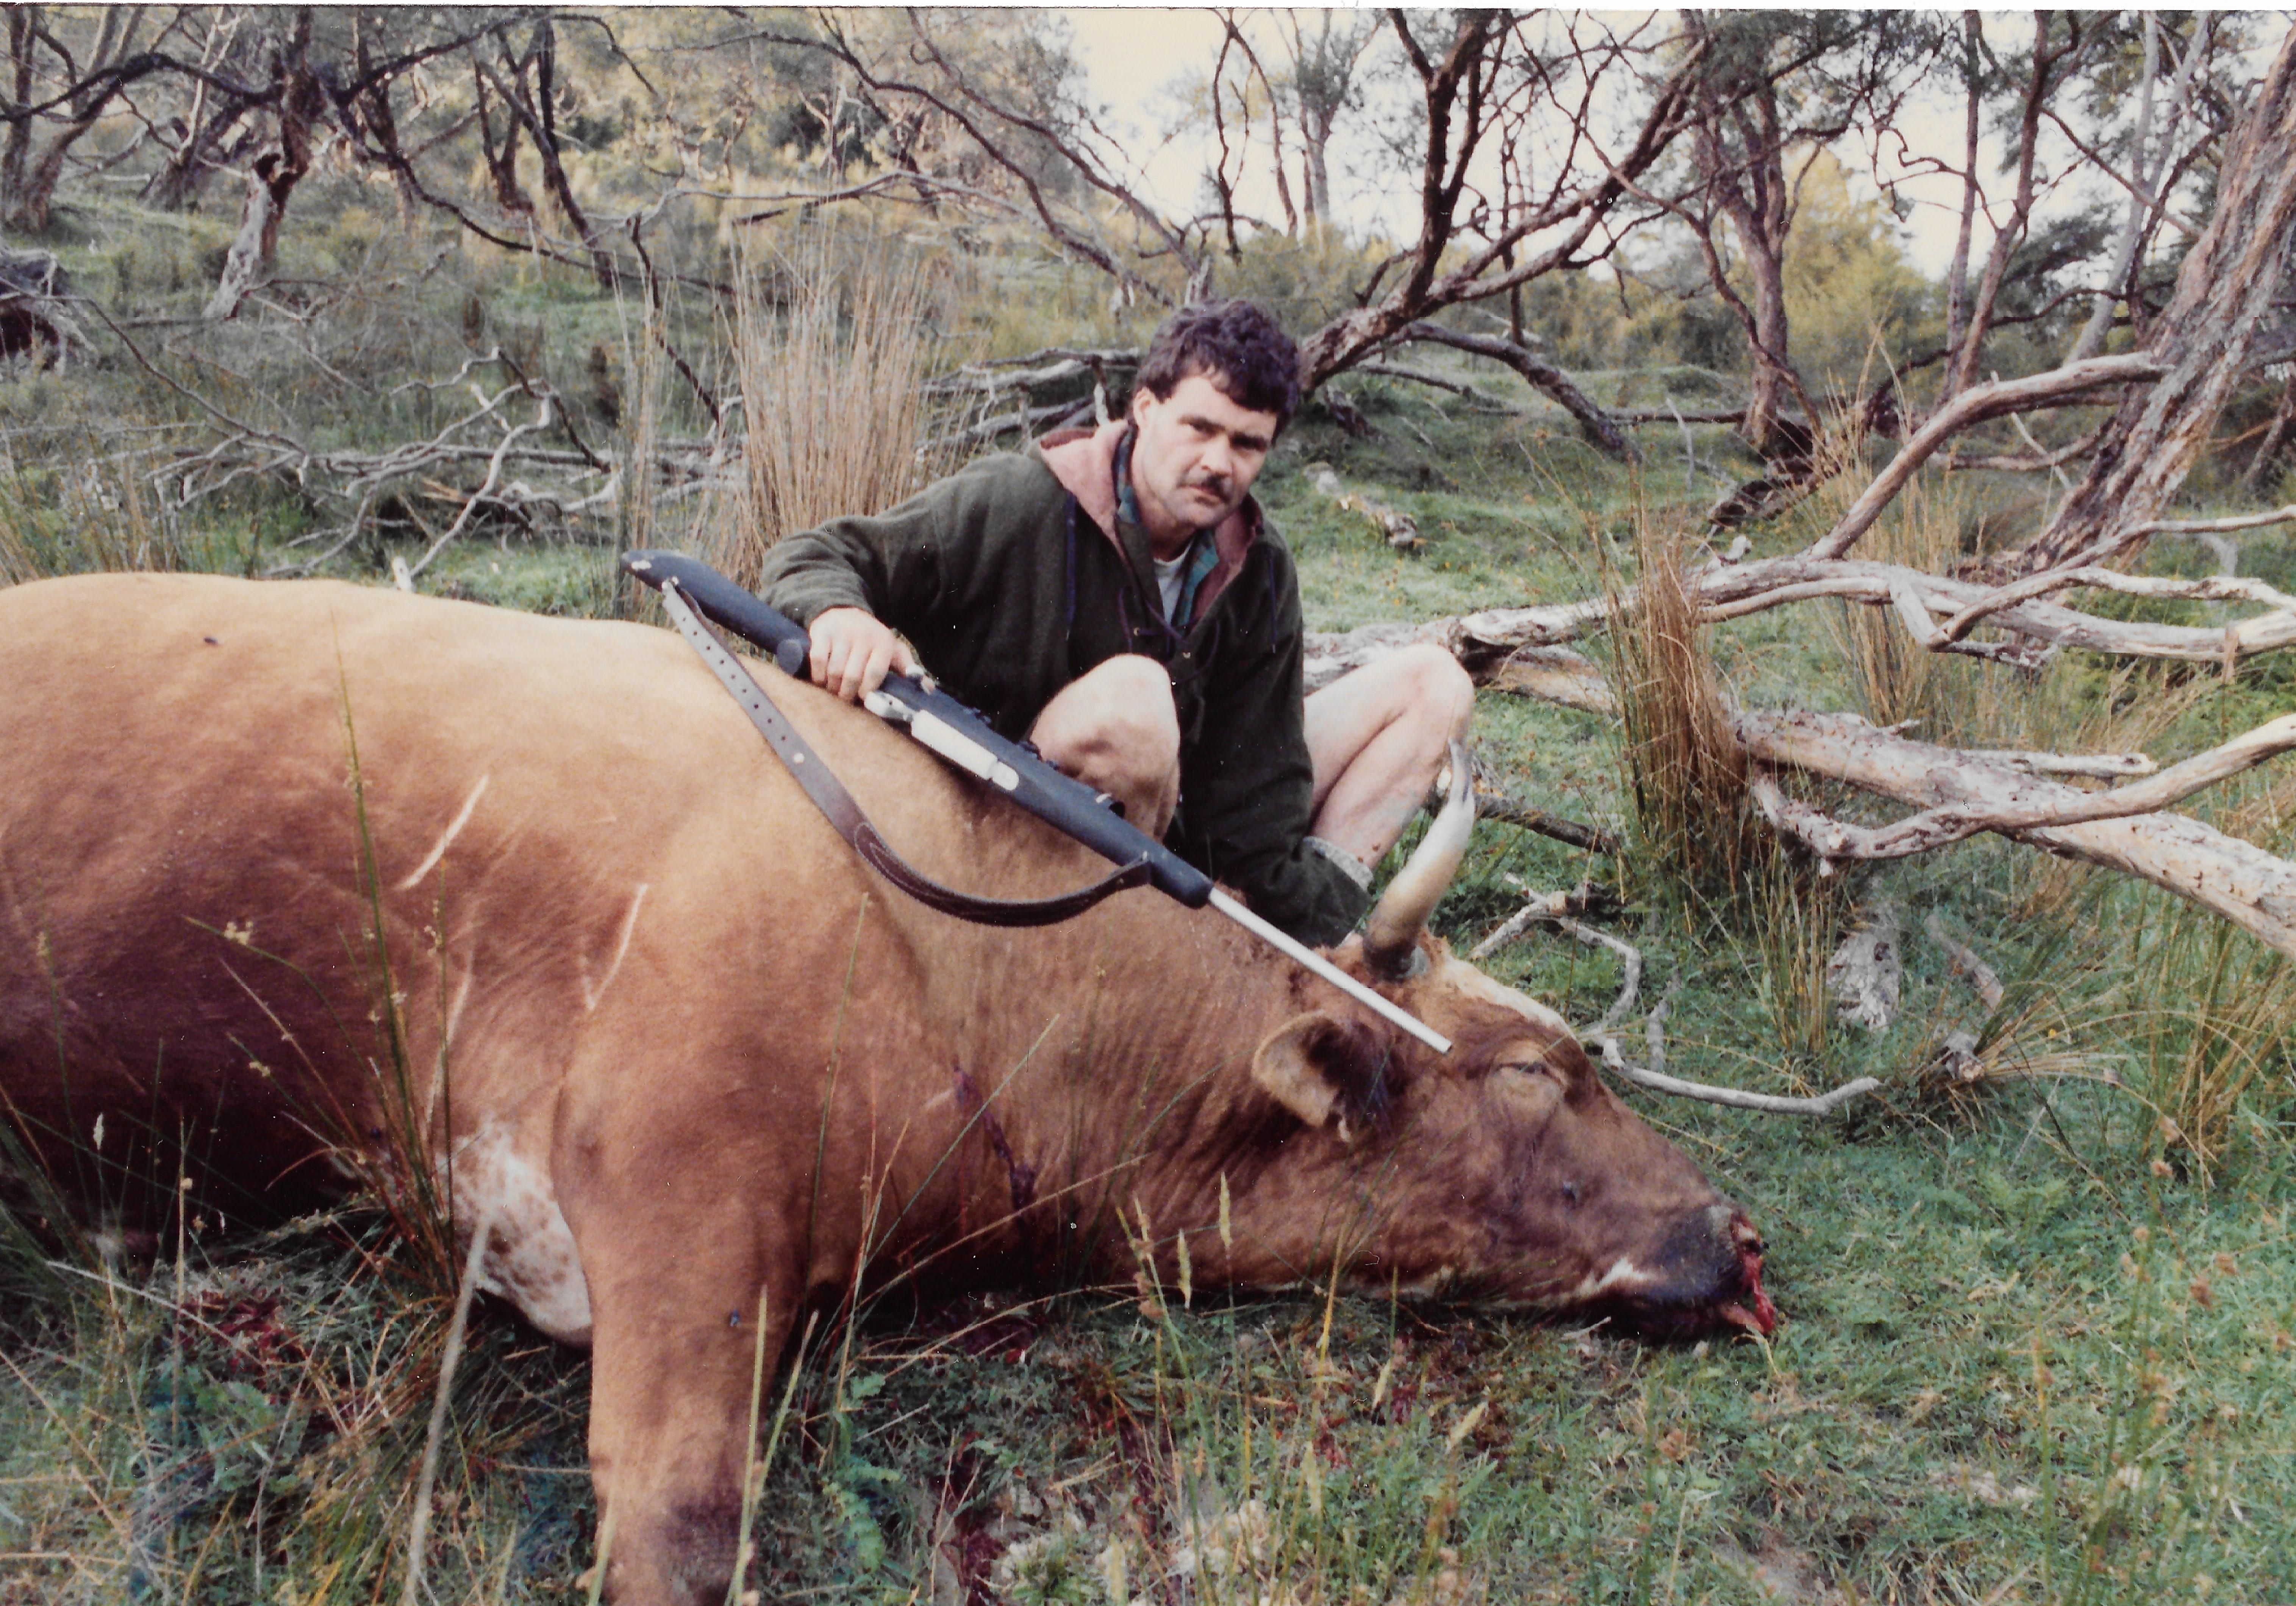 wild-bull-back-in-the-day-2-jpg.408106